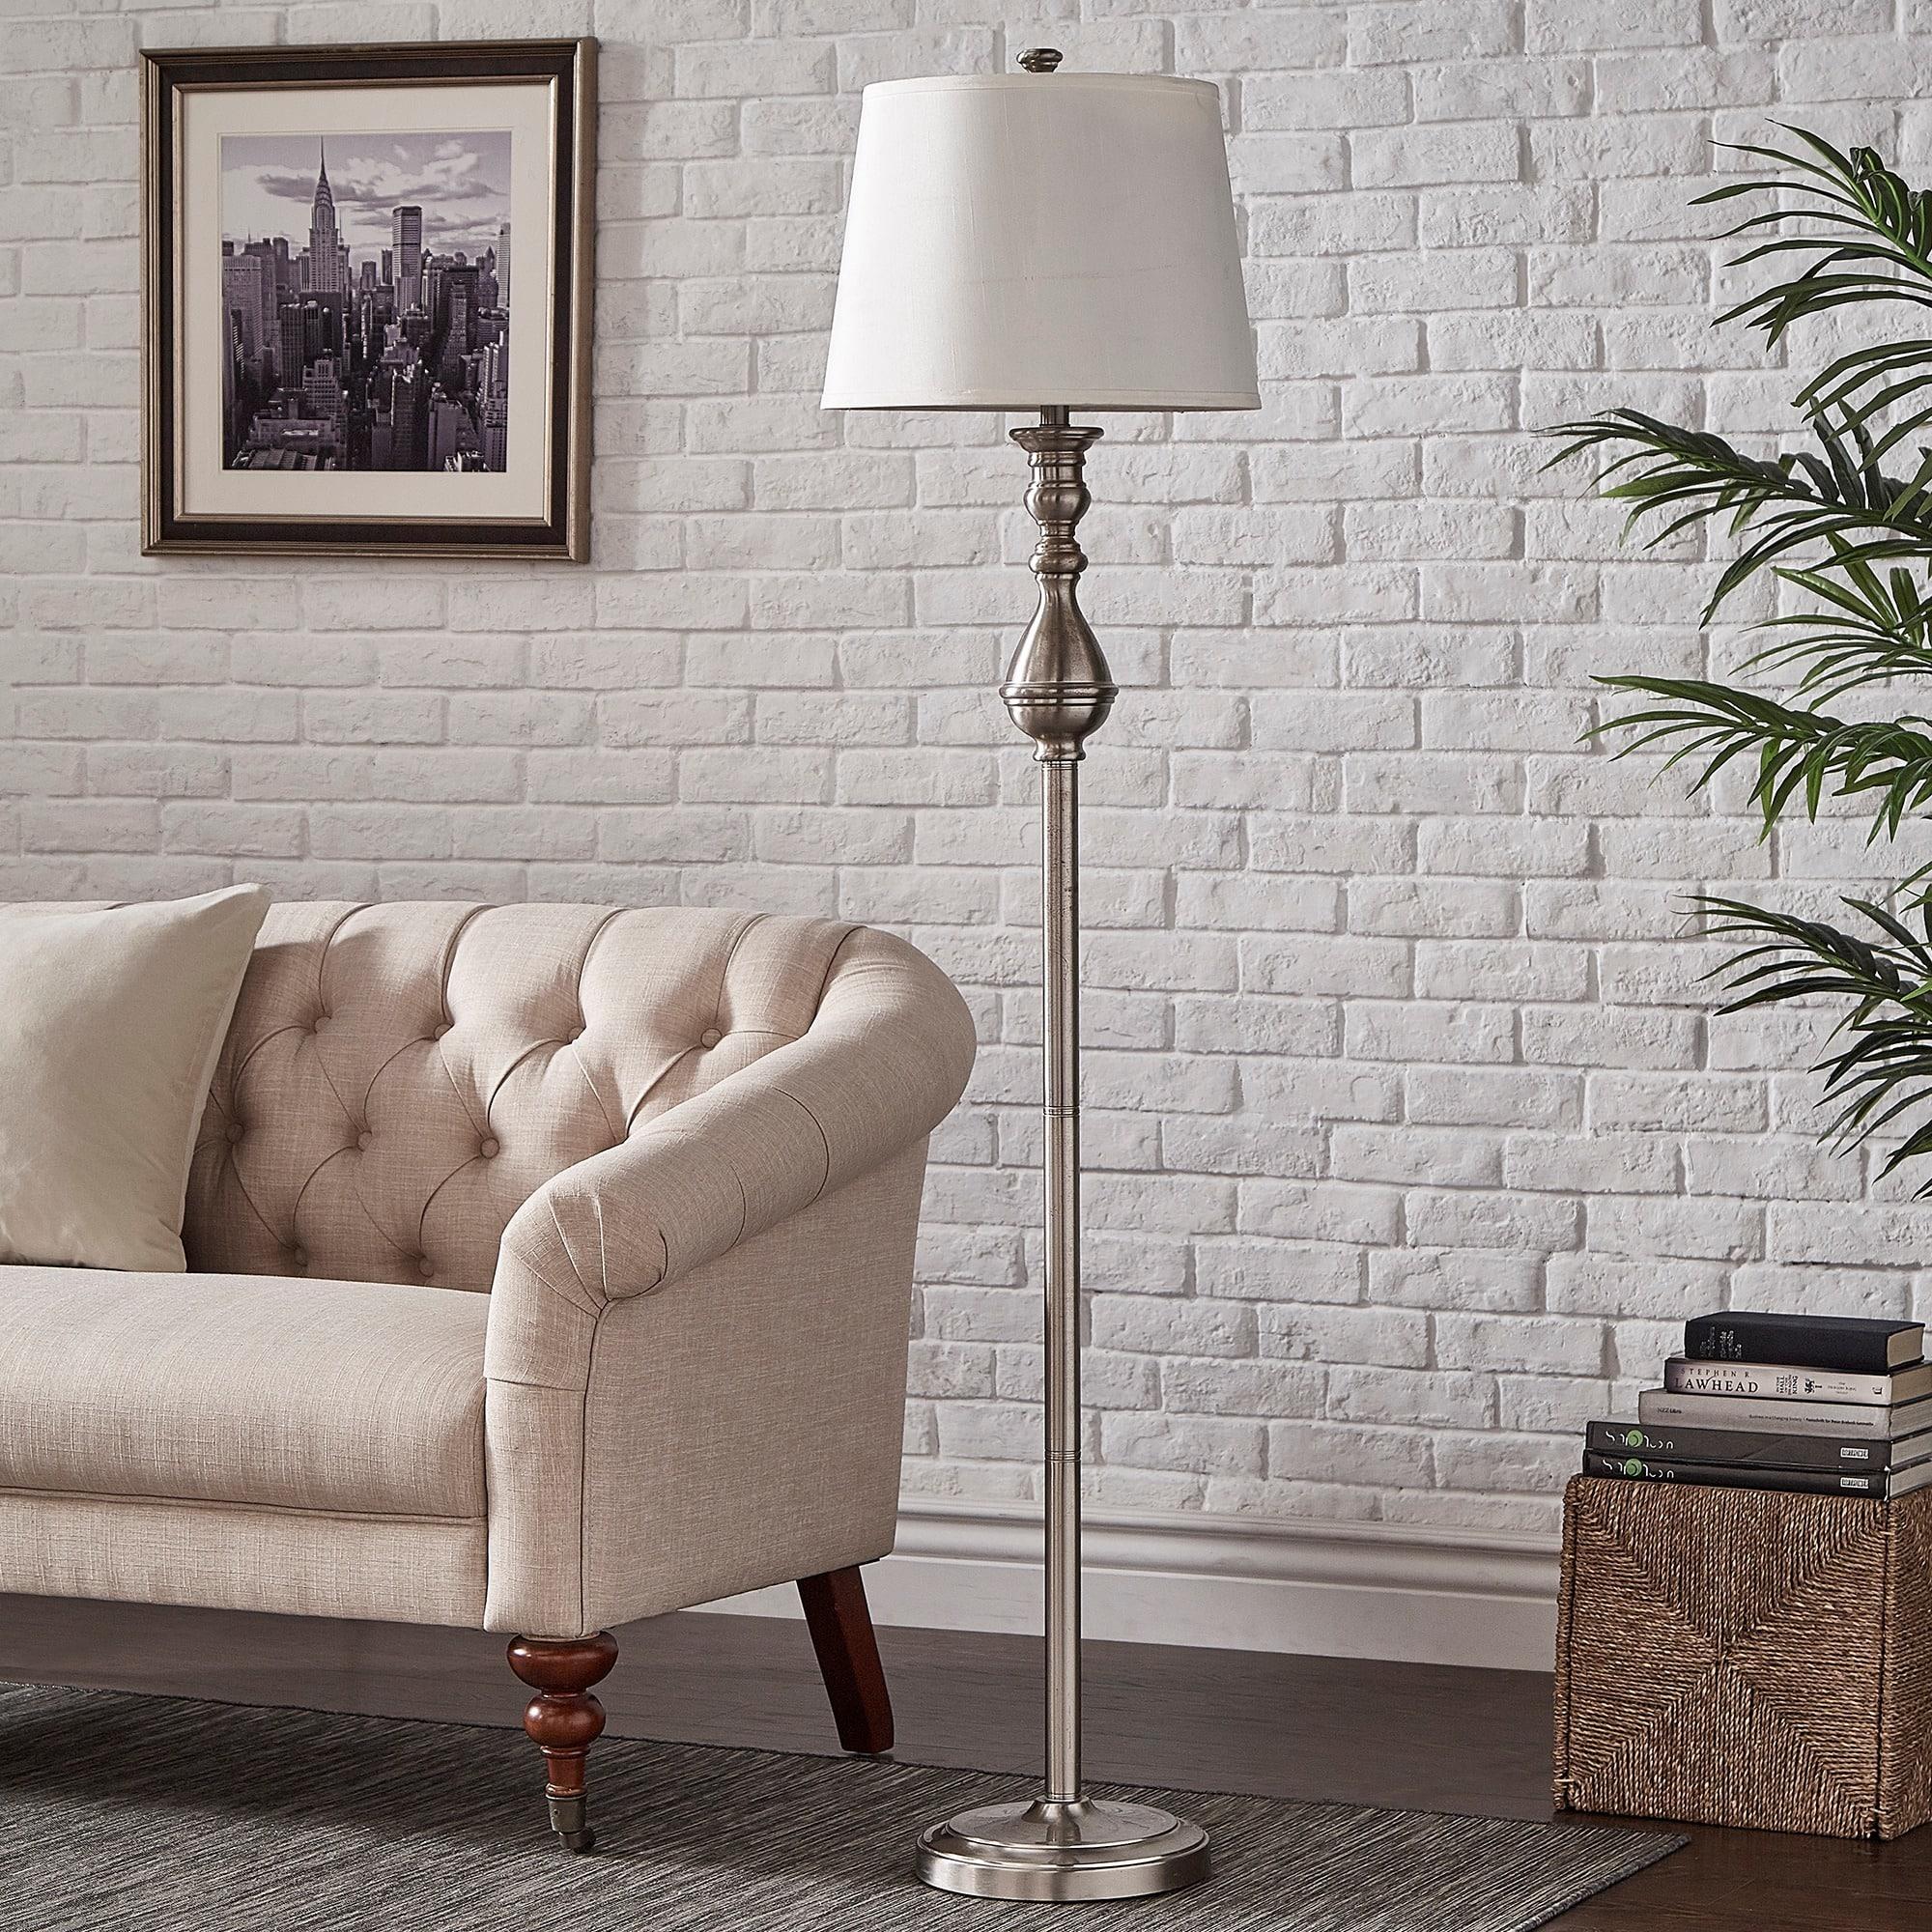 Buy Floor Lamps Online At Overstock